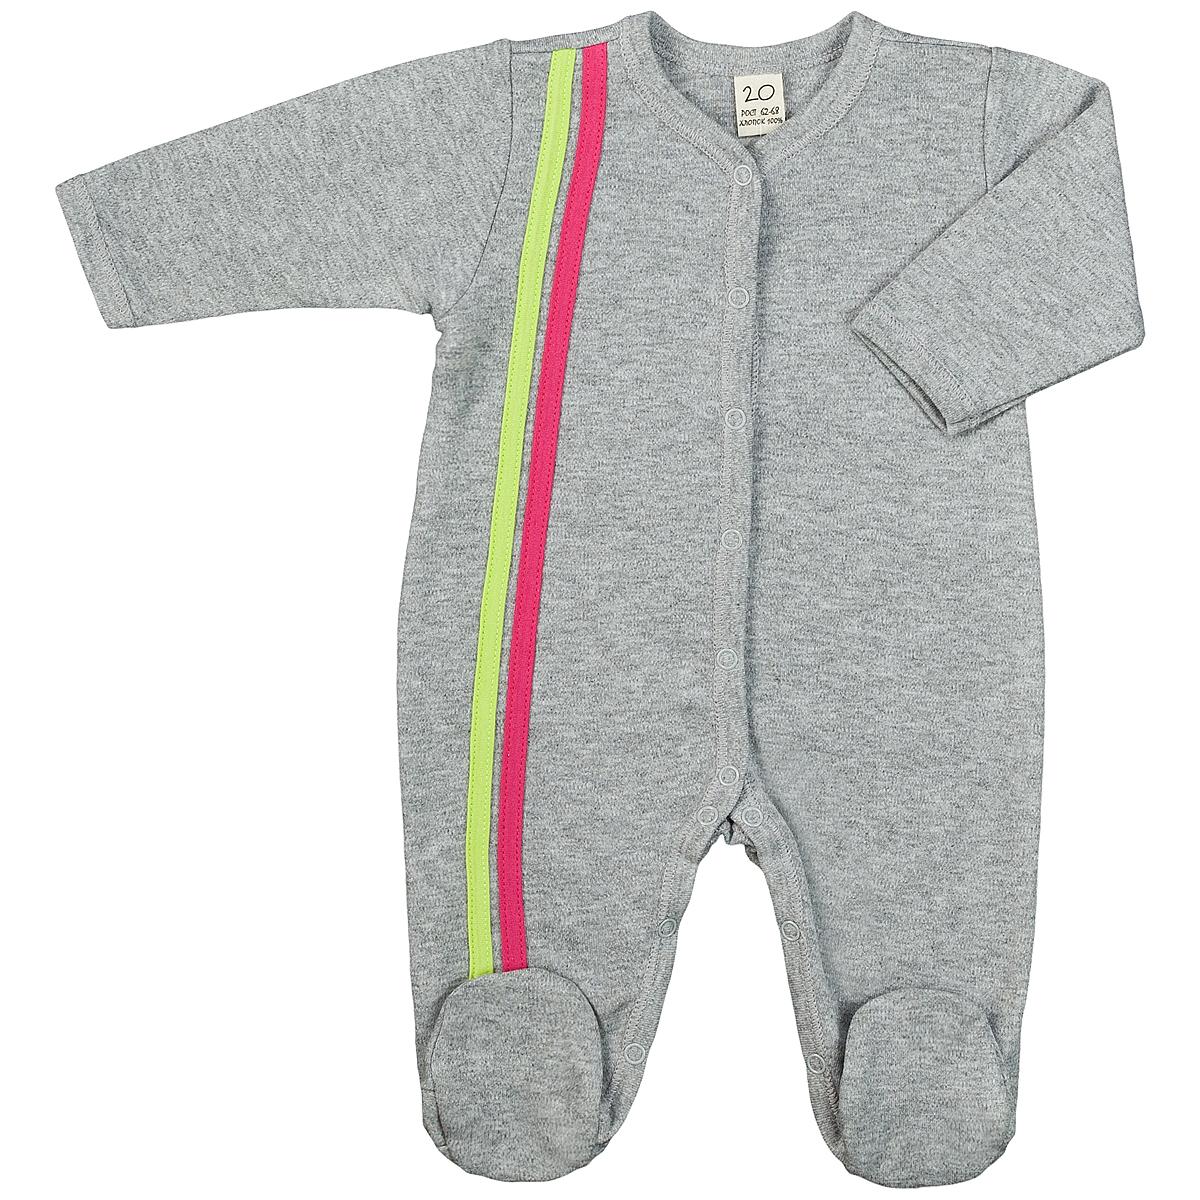 Комбинезон детский Lucky Child, цвет: серый, розовый. 1-1. Размер 74/801-1Детский комбинезон Lucky Child - очень удобный и практичный вид одежды для малышей. Комбинезон выполнен из интерлока - натурального хлопка, благодаря чему он необычайно мягкий и приятный на ощупь, не раздражают нежную кожу ребенка и хорошо вентилируются, а эластичные швы приятны телу малыша и не препятствуют его движениям. Комбинезон с длинными рукавами и закрытыми ножками имеет застежки-кнопки от горловины до щиколоток, которые помогают легко переодеть младенца или сменить подгузник. Отделкой служат лампасы контрастного цвета по боковому шву. С детским комбинезоном Lucky Child спинка и ножки вашего малыша всегда будут в тепле, он идеален для использования днем и незаменим ночью. Комбинезон полностью соответствует особенностям жизни младенца в ранний период, не стесняя и не ограничивая его в движениях!